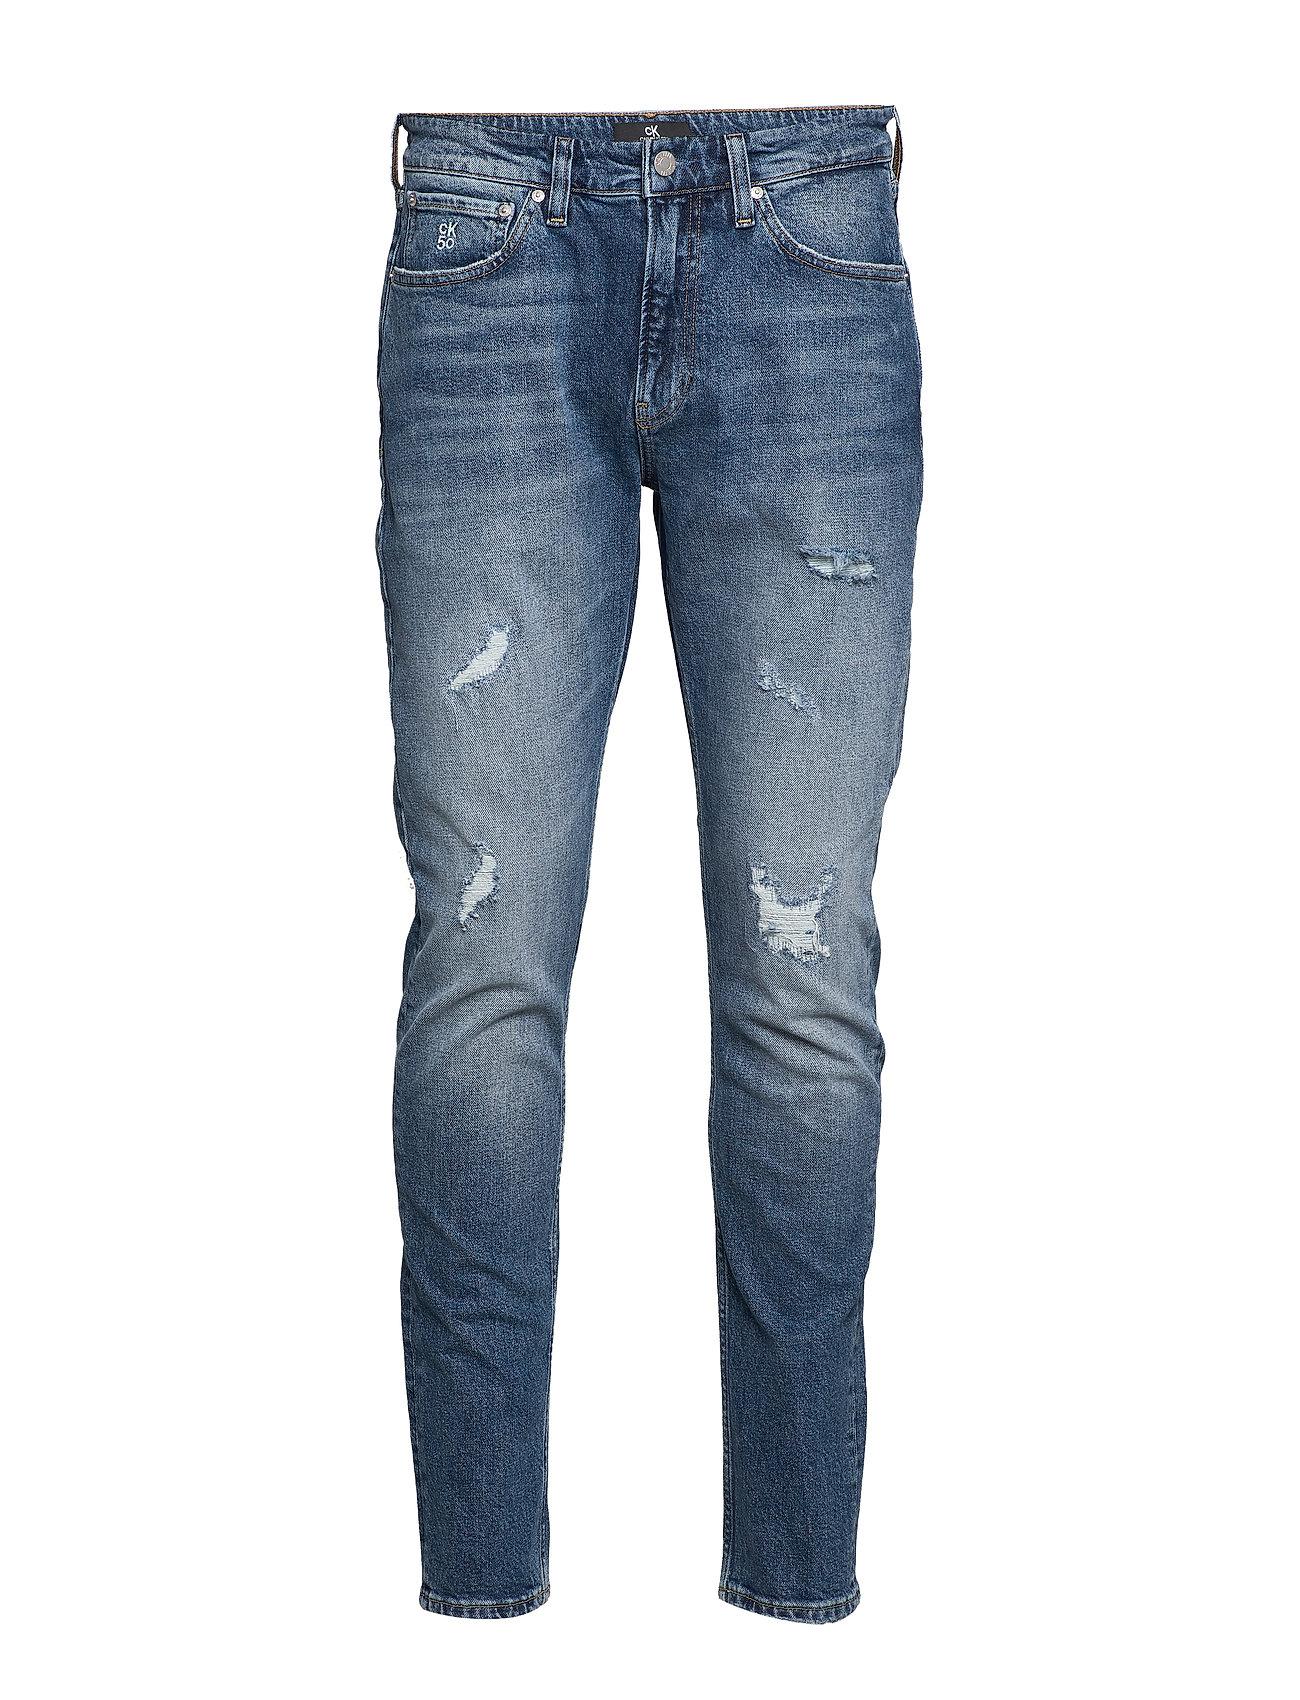 Calvin Klein Jeans CKJ 058 SLIM TAPER - BA303 BRIGHT BLUE DSTR